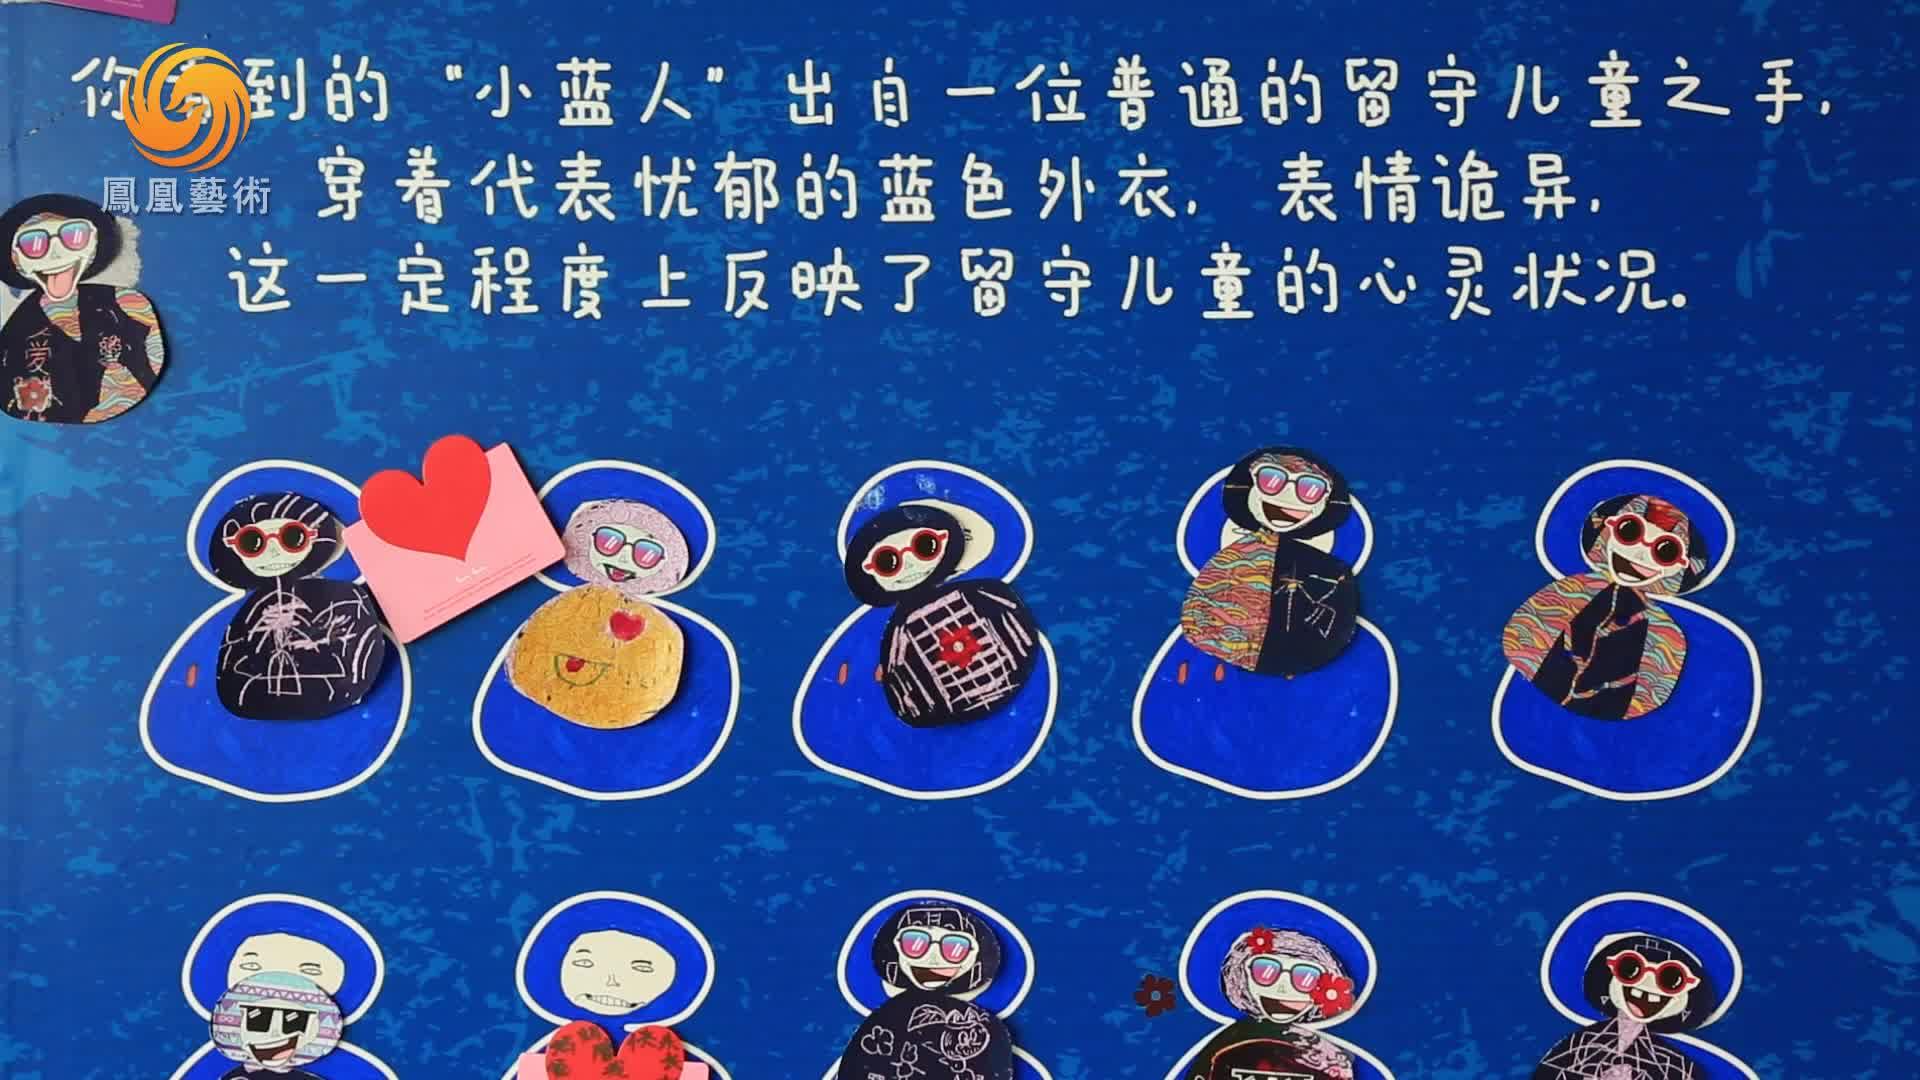 离别之痛丨聚焦2018中国留守儿童心灵状况